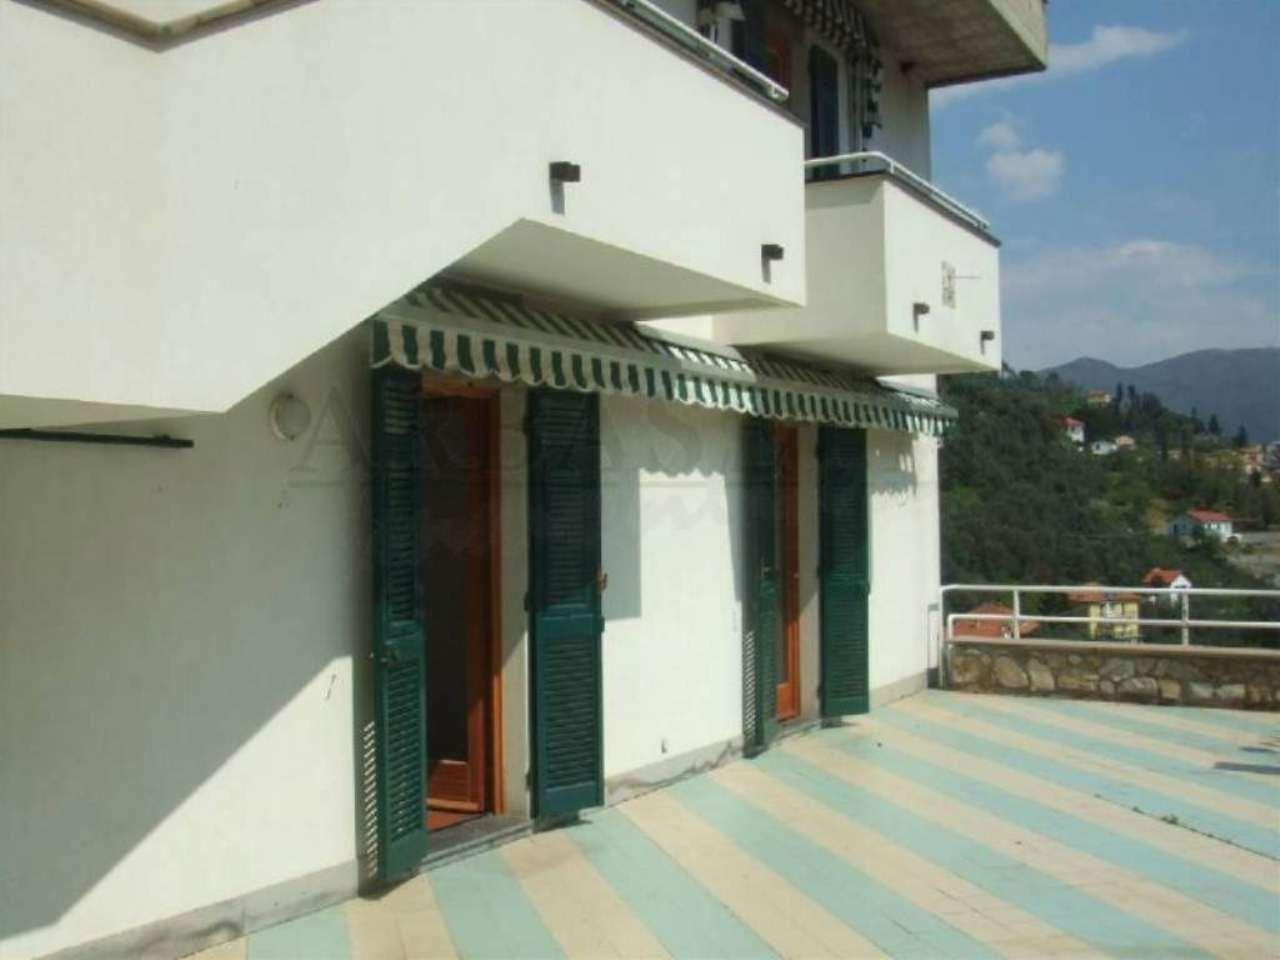 Soluzione Indipendente in vendita a Castiglione Chiavarese, 12 locali, prezzo € 270.000   Cambio Casa.it